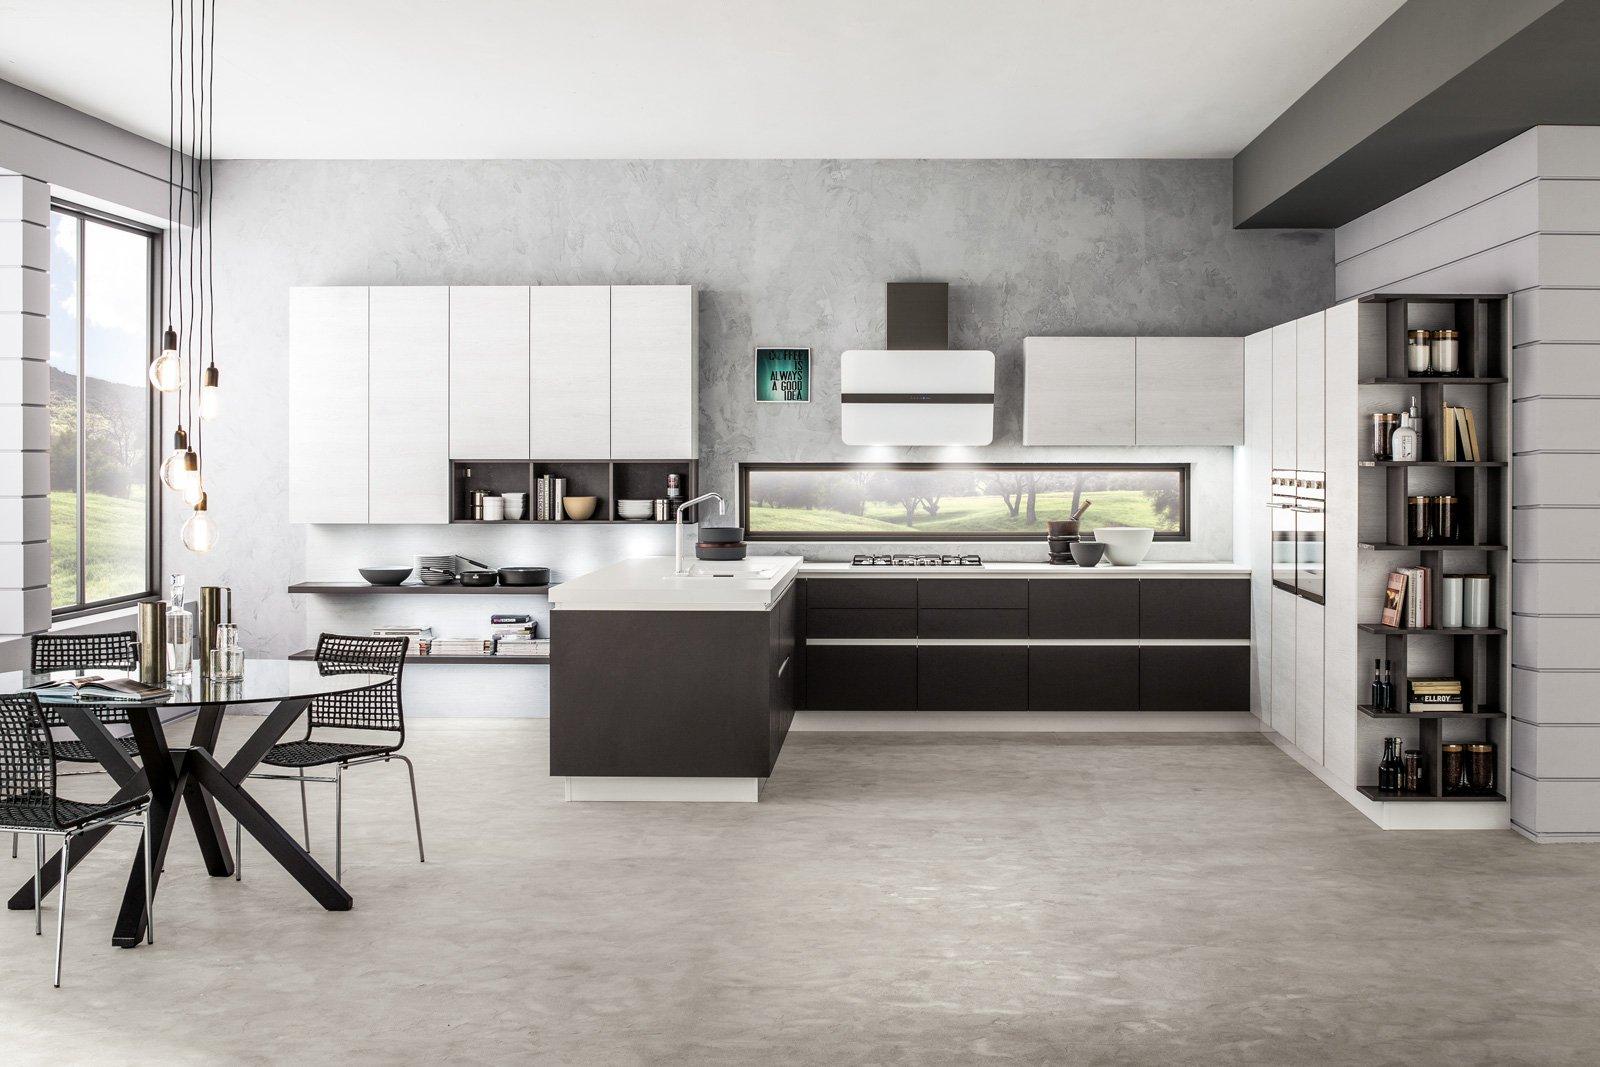 Cucine bicolore l 39 alternanza cromatica fa tendenza cose - Laminato in cucina ...